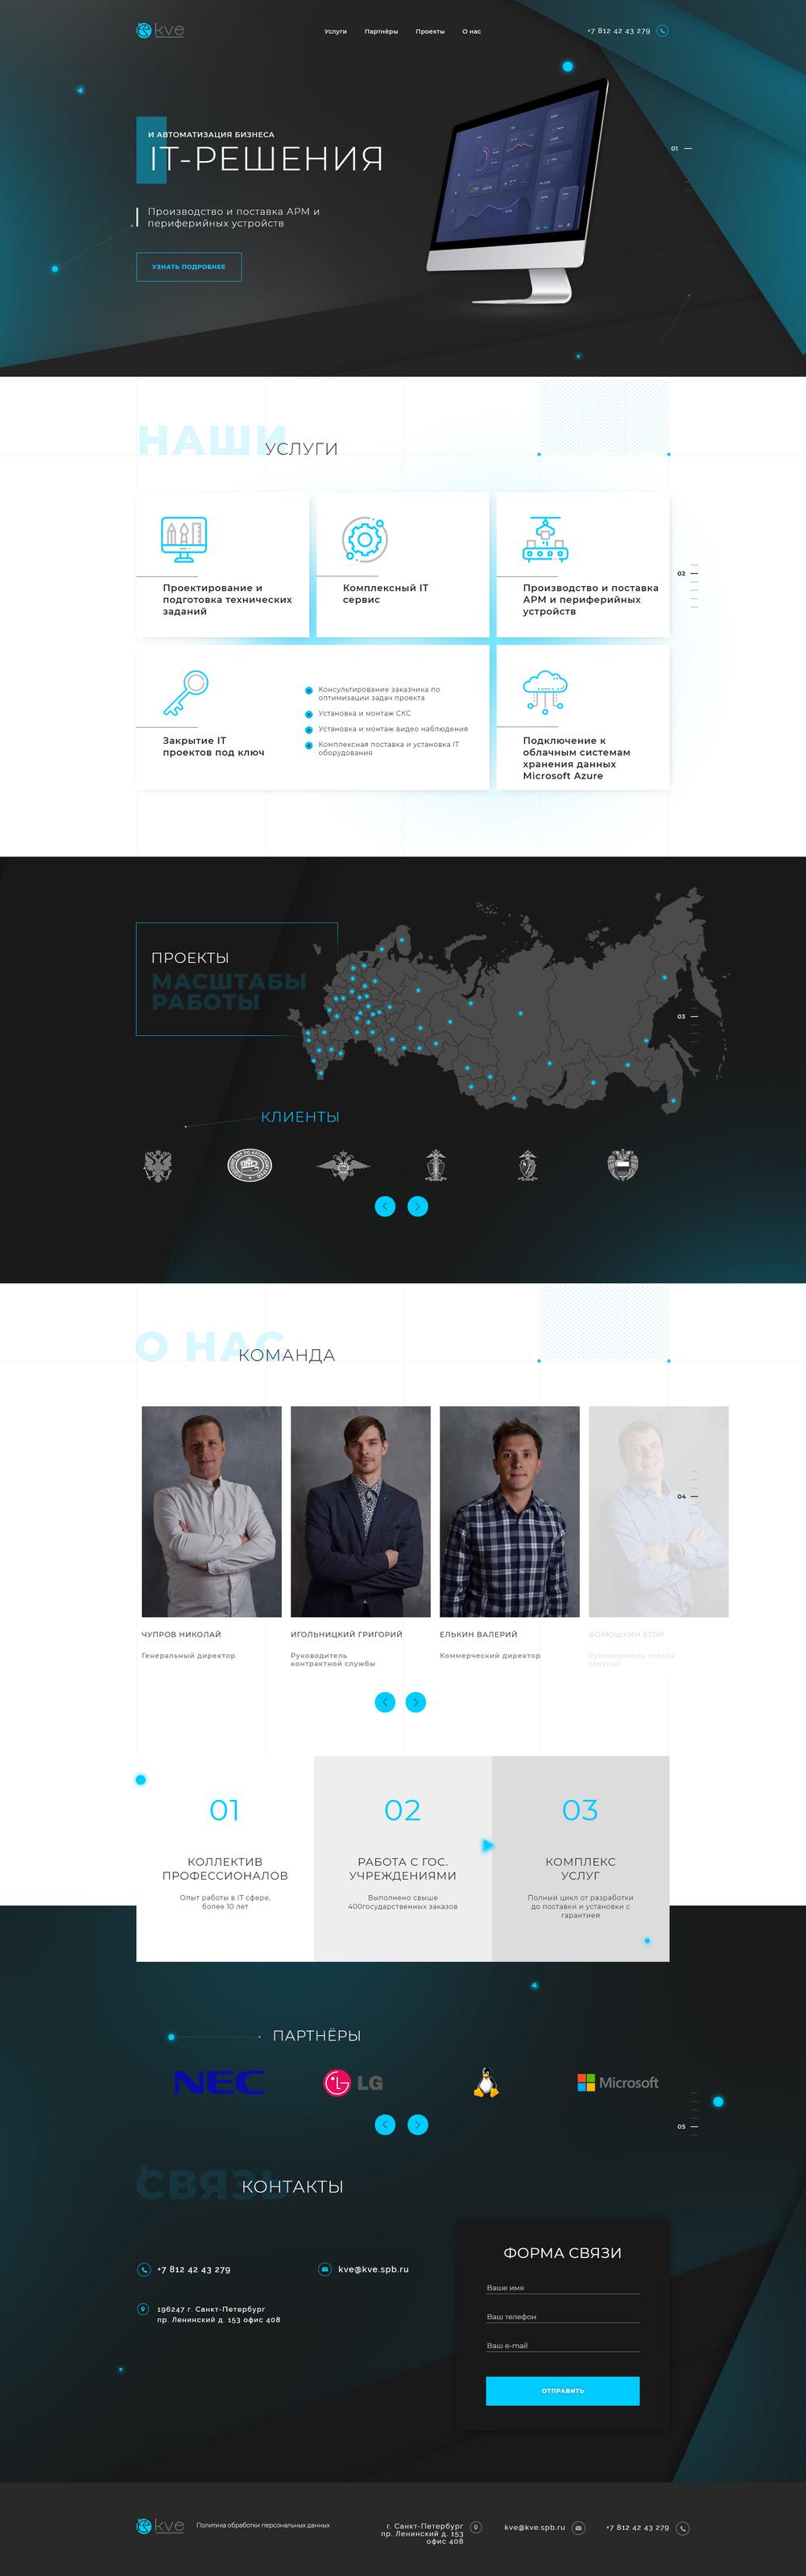 Вёрстка дизайн-макета лэндинга для IT-компании